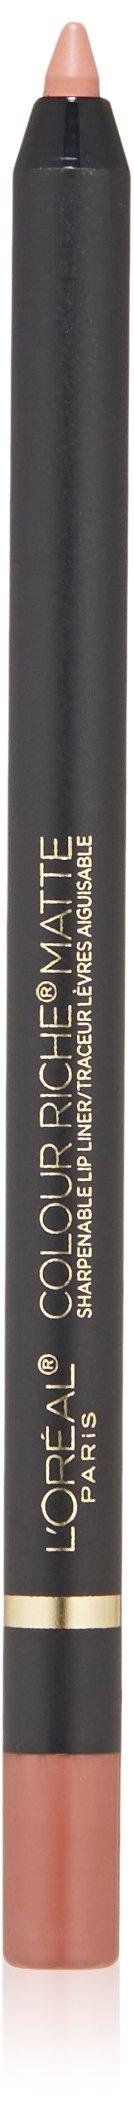 L'Oréal Paris Colour Riche Matte Lip Liner, Matte-Stermind, 0.04 oz.